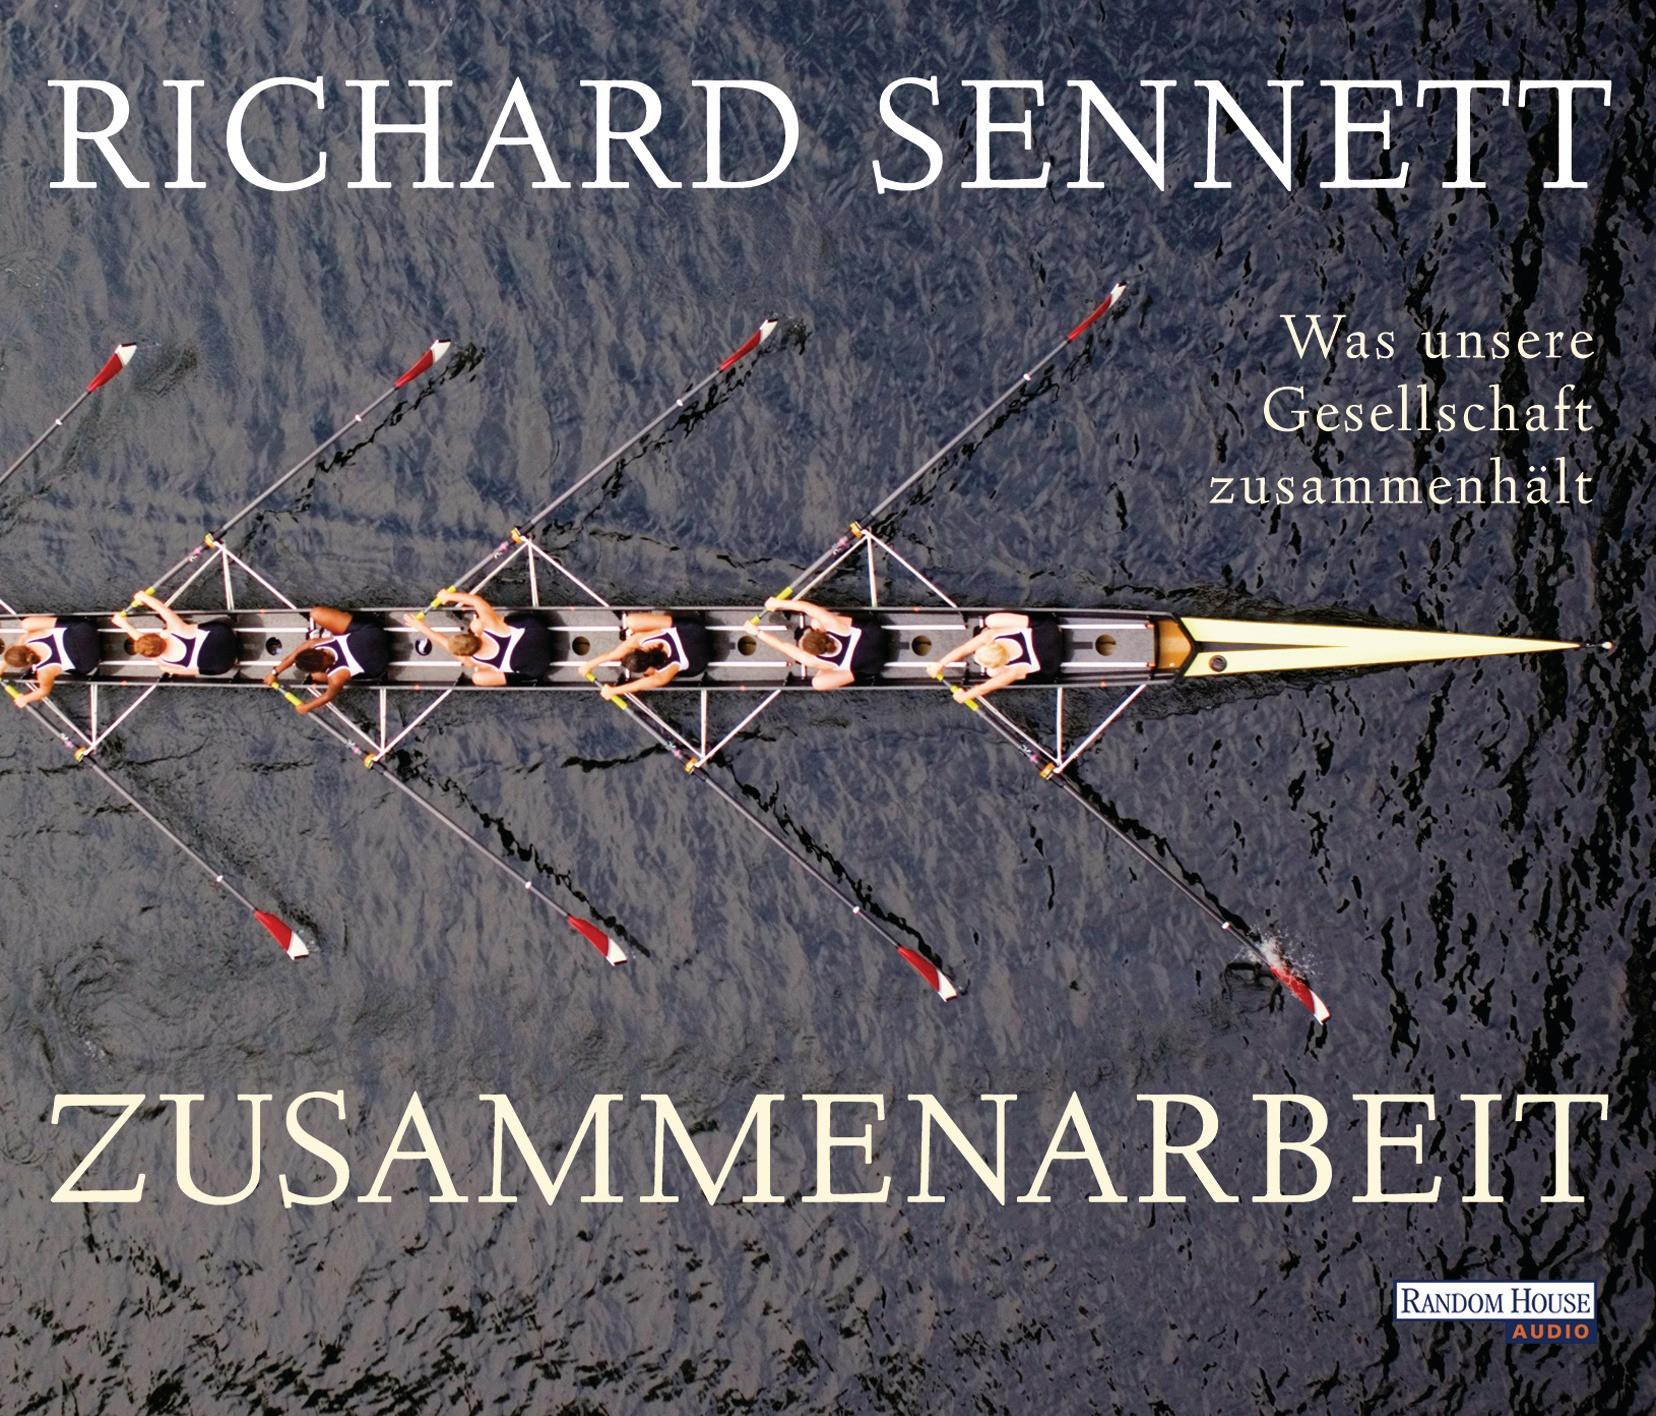 Richard Sennett - Zusammenarbeit